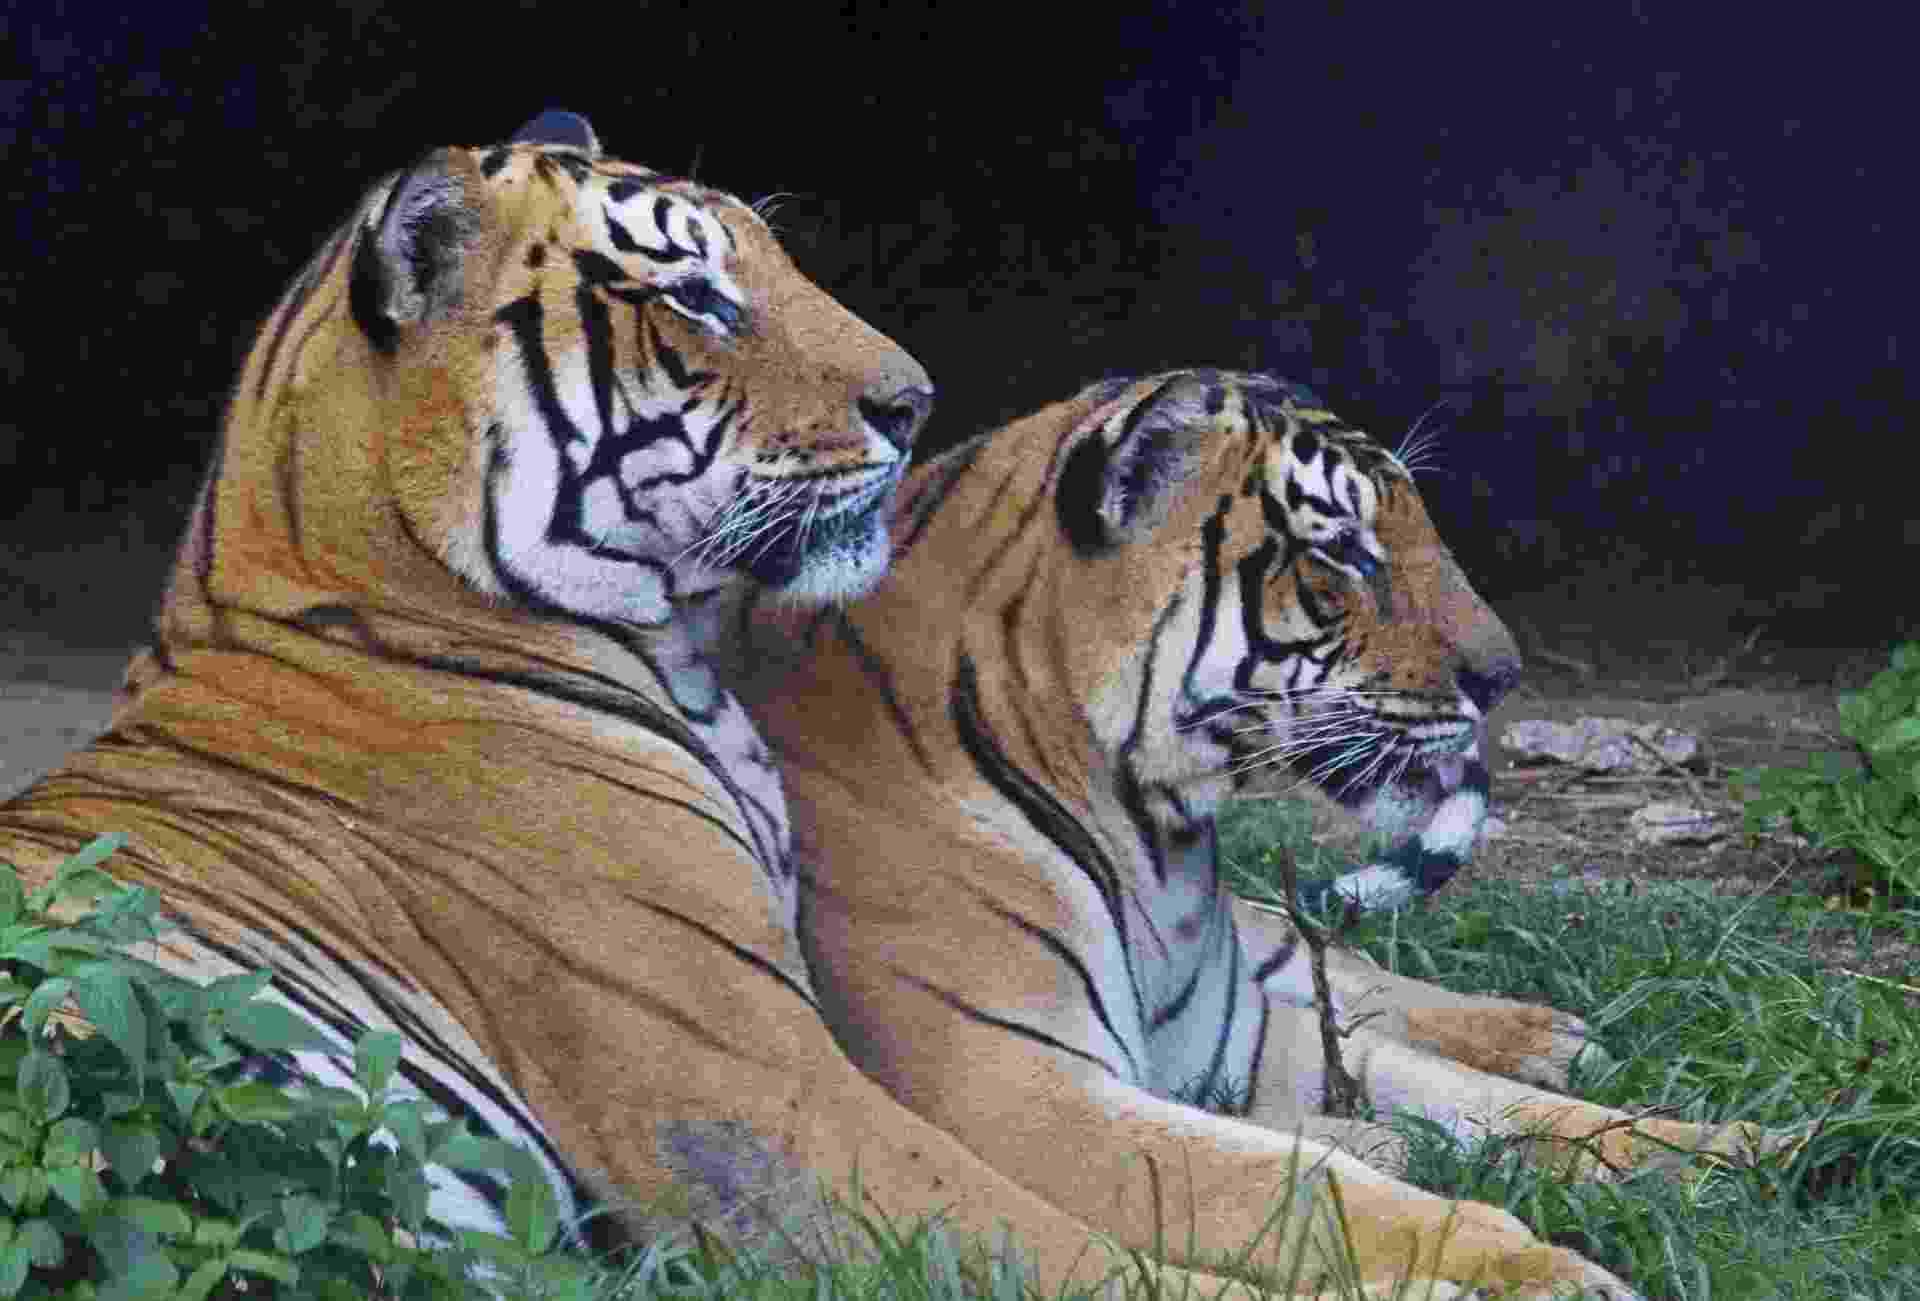 19.ago.2013 - A população de tigres no Nepal passou dos 121 felinos em 2009 para 198 registrados nos primeiros meses de 2013, um aumento de 63% em apenas quatro anos, segundo censo do país. Para fazer a contagem, o governo espalhou 500 câmeras em cinco áreas protegidas do Nepal e nas florestas que fazem fronteira com a Índia, na região Sul do país. No total, foram tiradas 7.699 fotografias, com as quais foi possível identificar 198 felinos graças às marcas de sua pele, que cumprem a função de impressões digitais - Narendra Shrestha/Efe